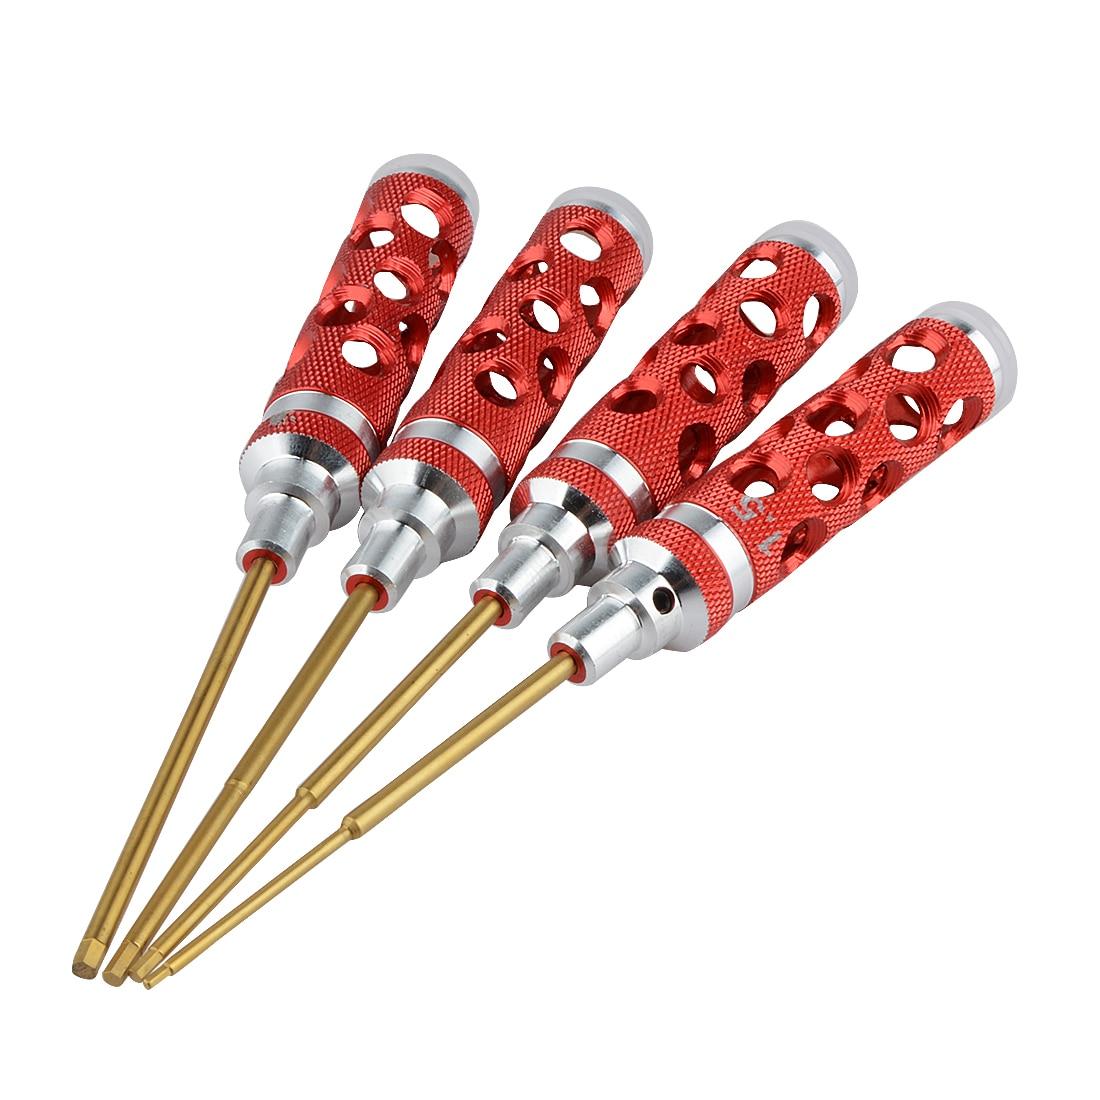 4 pièces outils d'aération durables/tournevis hexagonal/Kit de tournevis pour hélicoptère RC 1.5/2.0/2.5/3.0 M outils